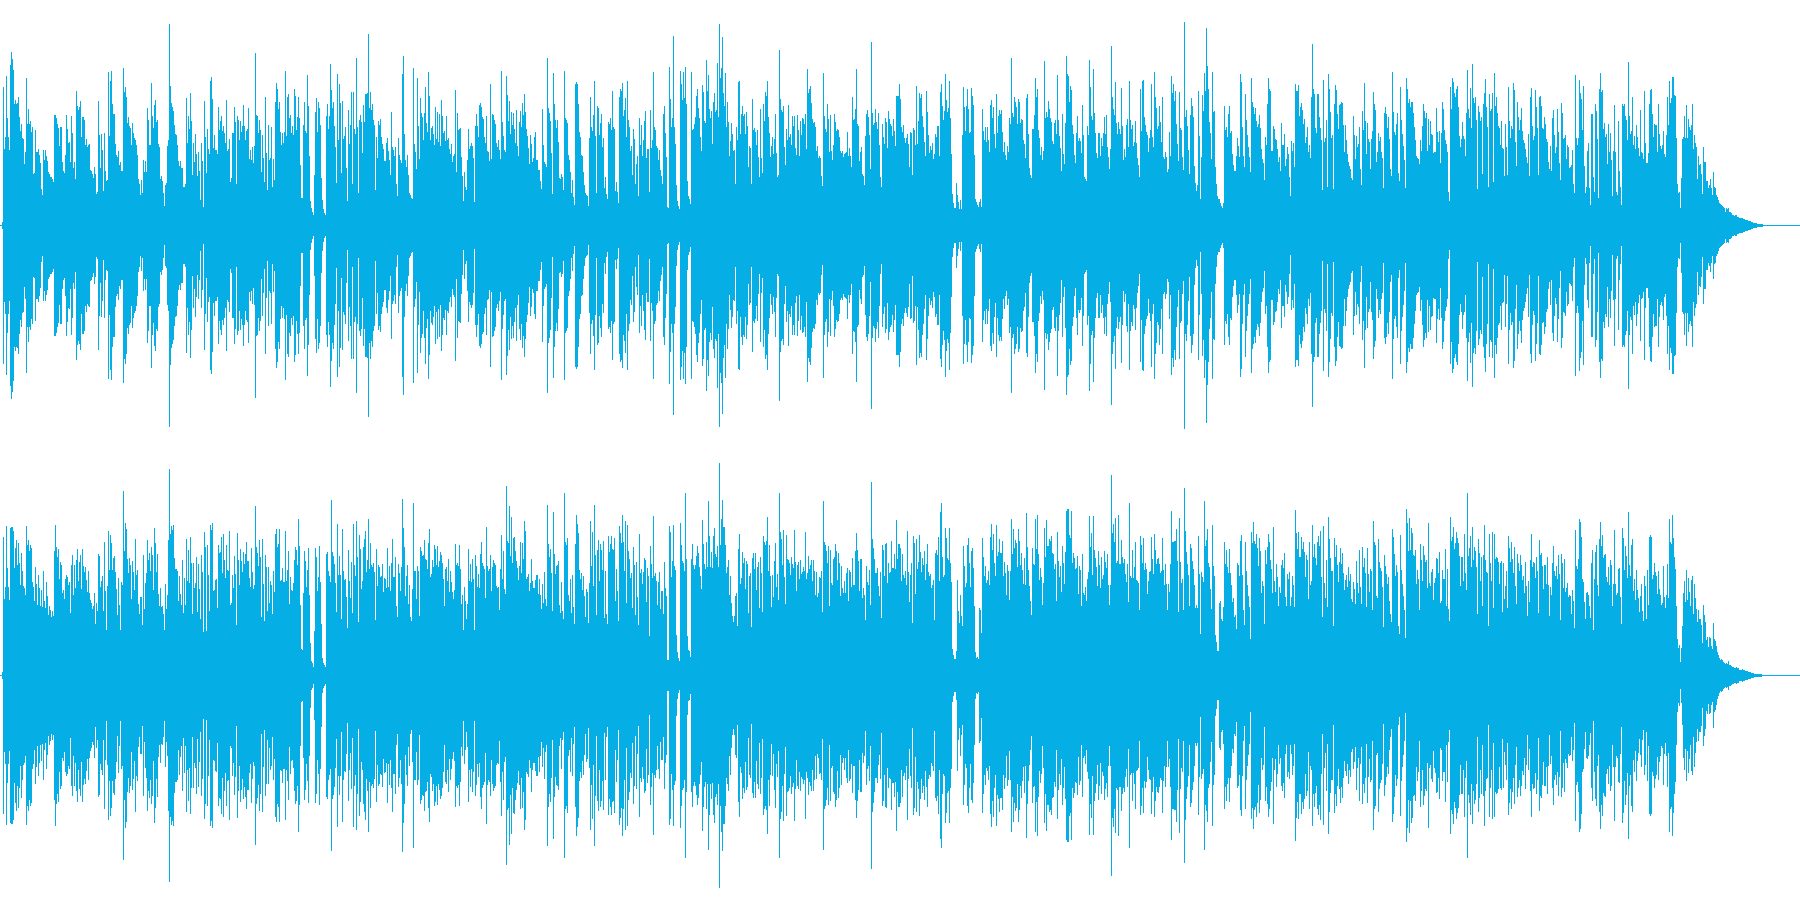 交響曲第40番第1楽章Jazzの再生済みの波形